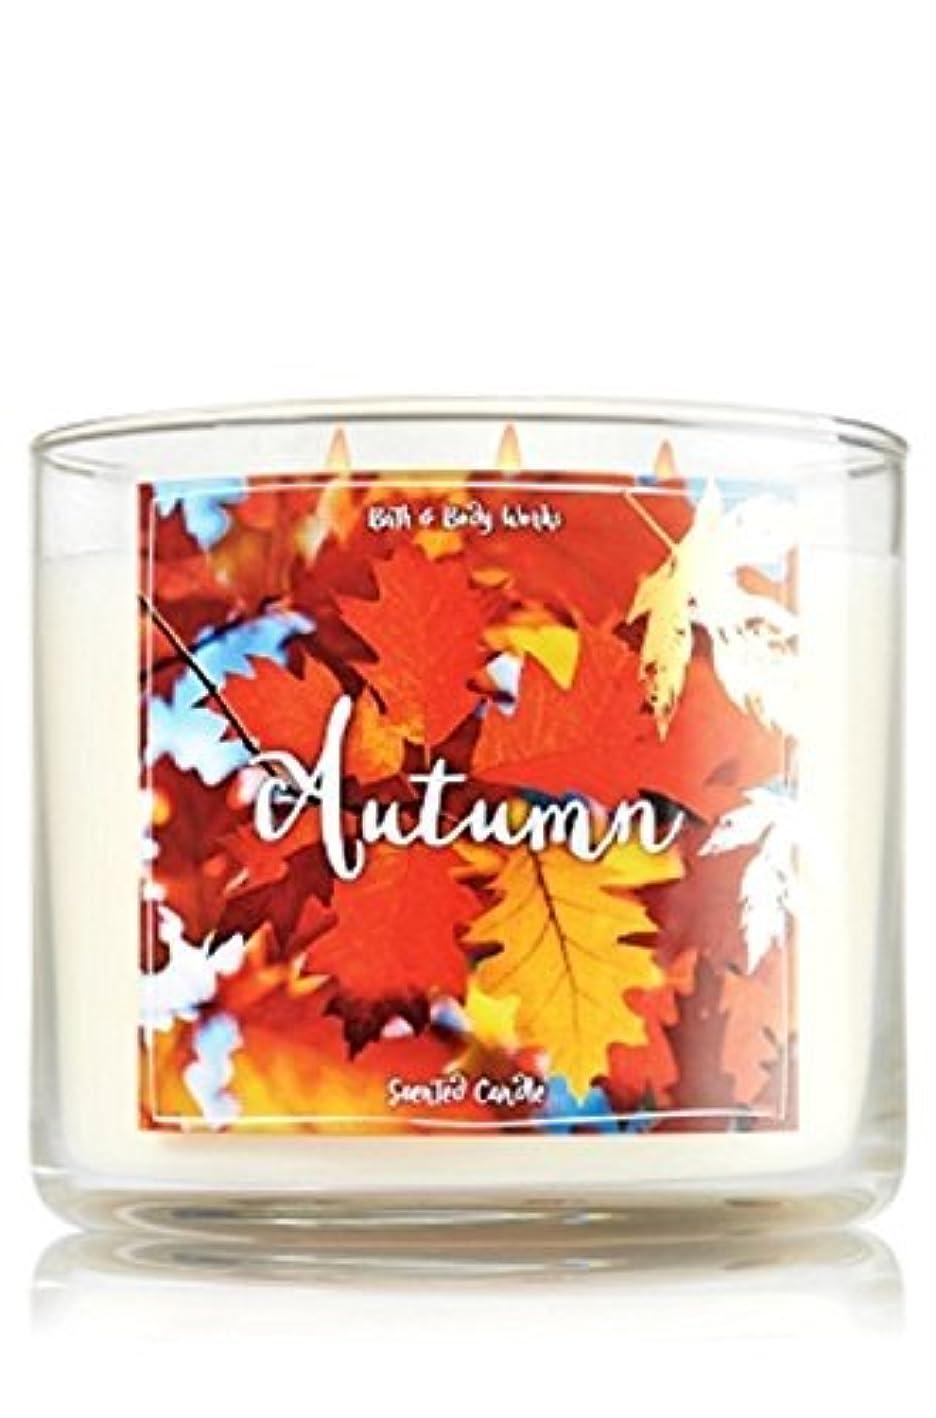 区別墓地あなたが良くなりますBath and Body Works Autumn Candle - Autumn Scent 14.5 oz Large 3-wick Candle for Fall [並行輸入品]